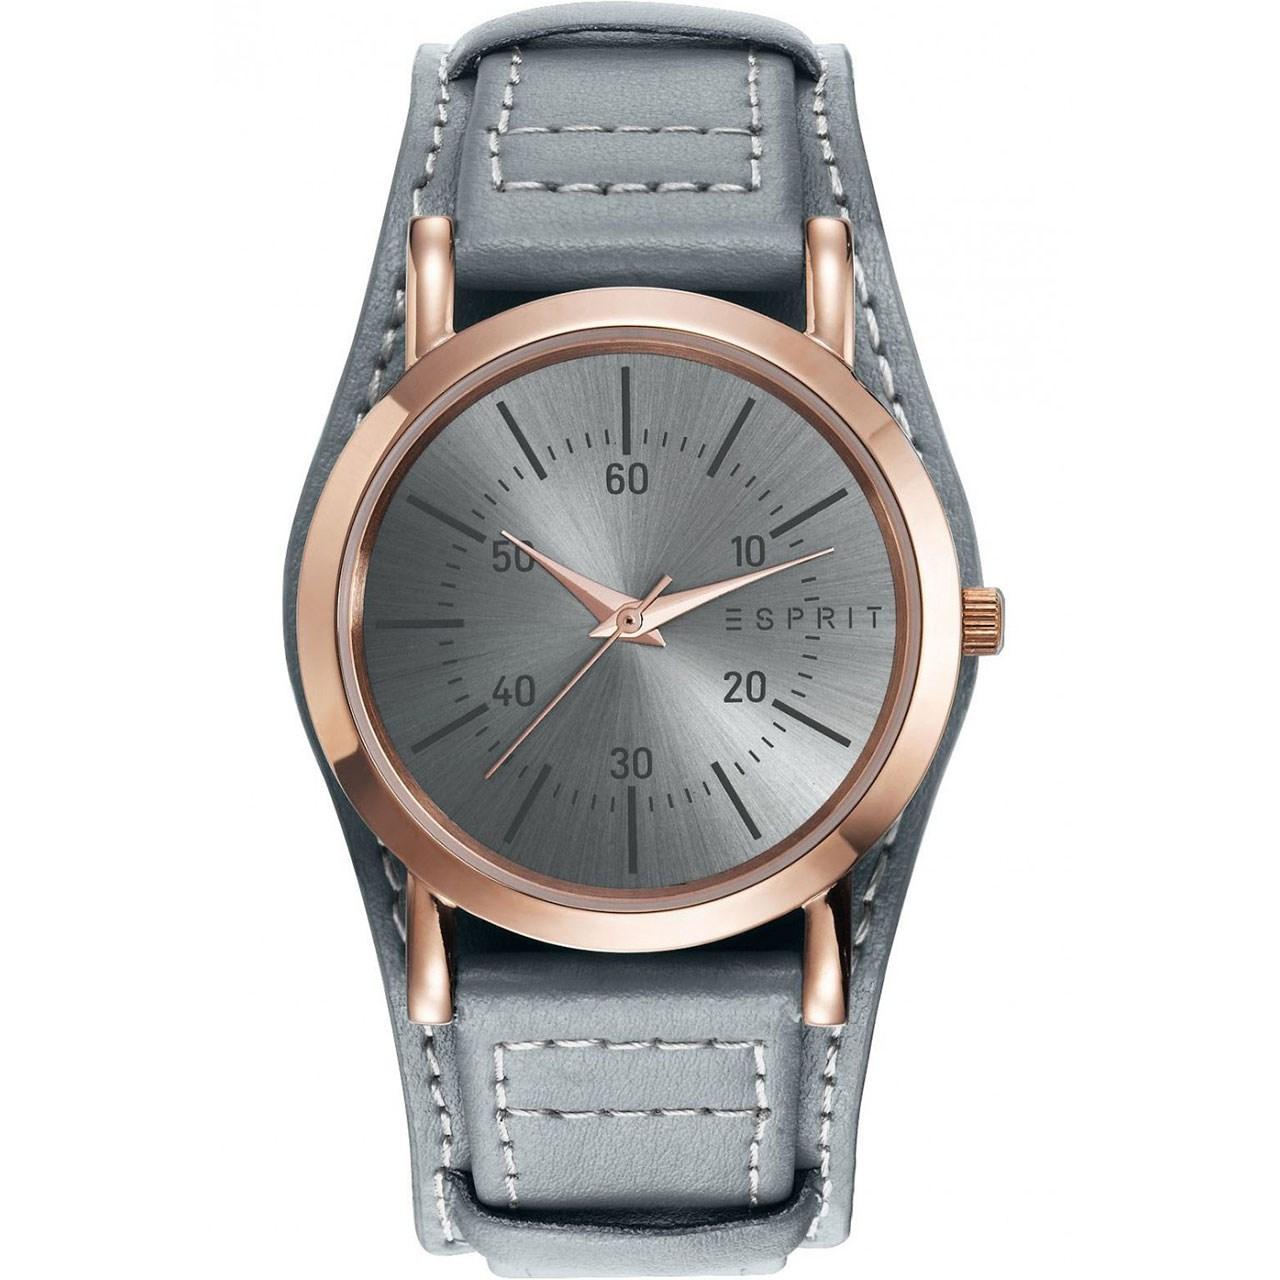 ساعت مچی عقربه ای زنانه اسپریت مدل ES906582001 43